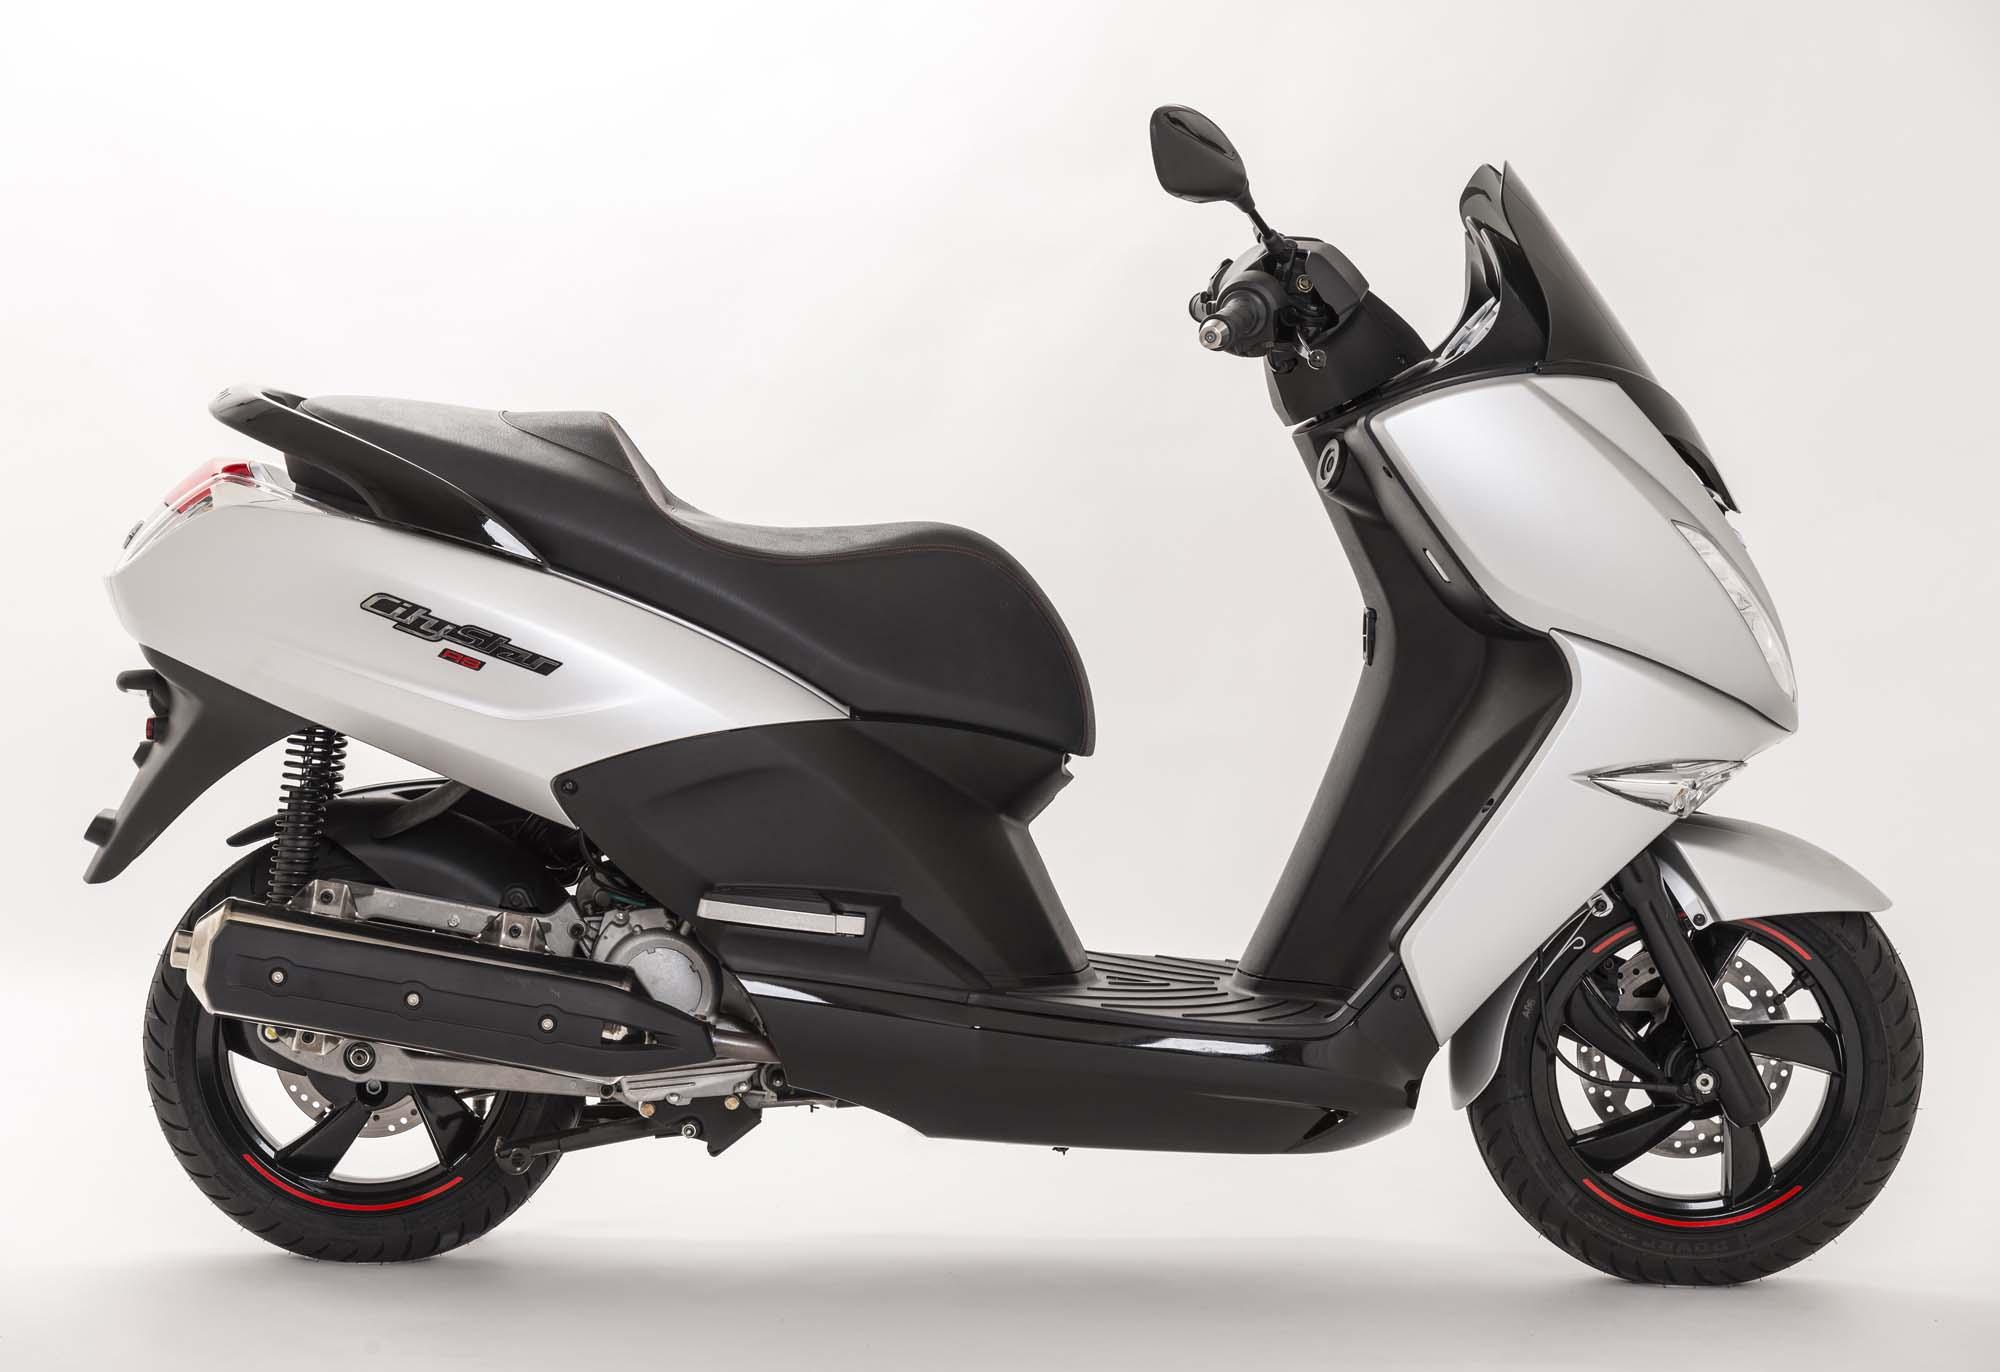 gebrauchte und neue peugeot citystar 125 rs motorräder kaufen